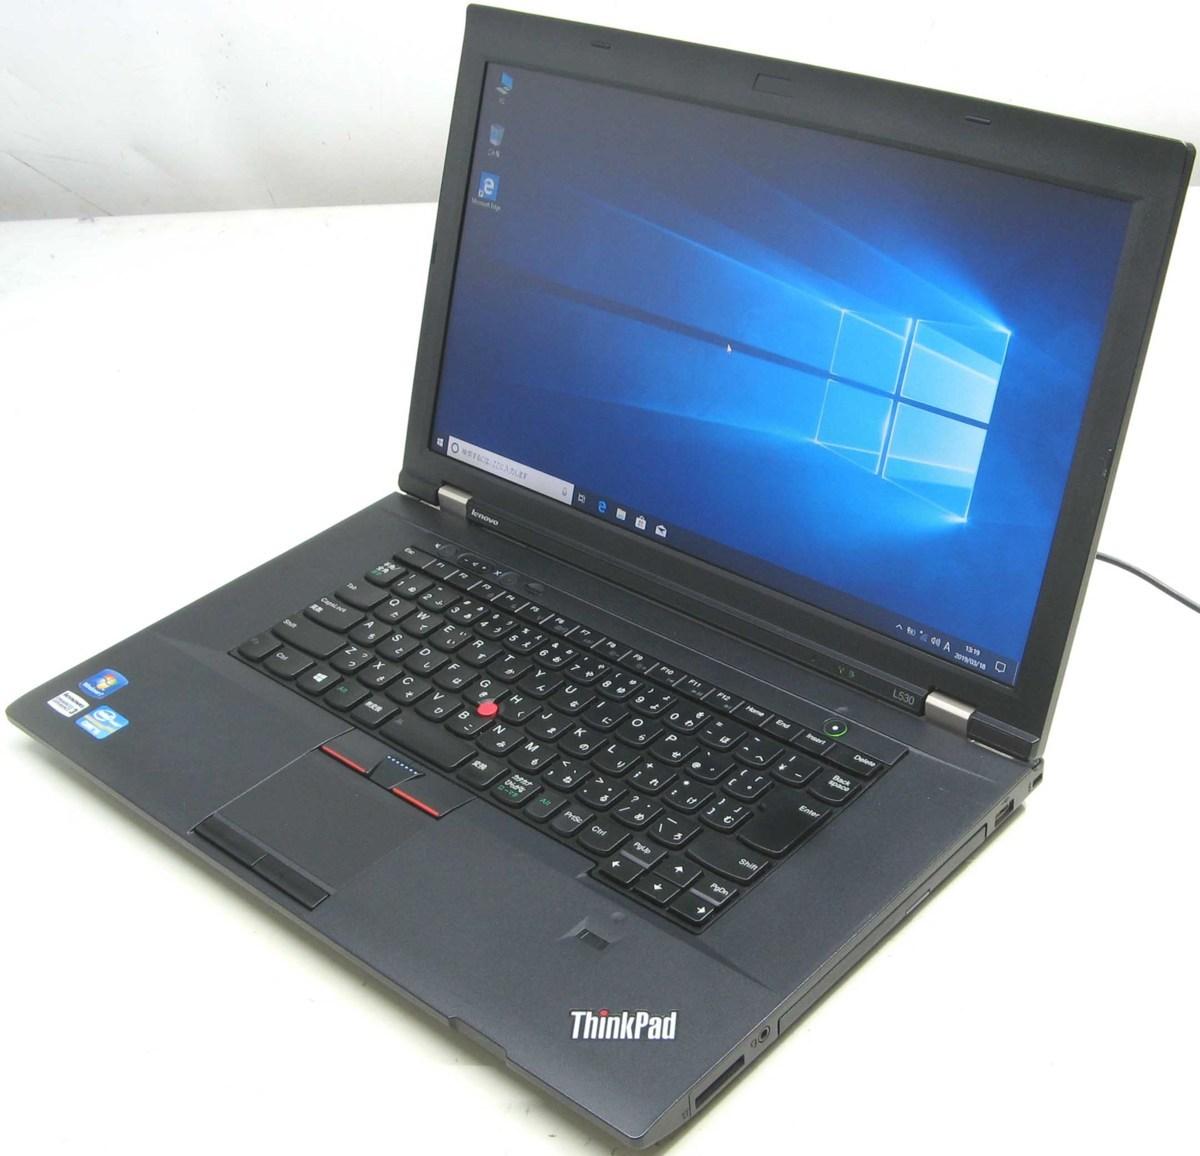 中古ノートパソコン Lenovo ThinkPad L530 2478-3C1 レノボ IBM Windows10 Corei5 メモリ4GB 15.6インチ 無線 Bluetooth DVDスーパーマルチ 中古パソコン 中古PC